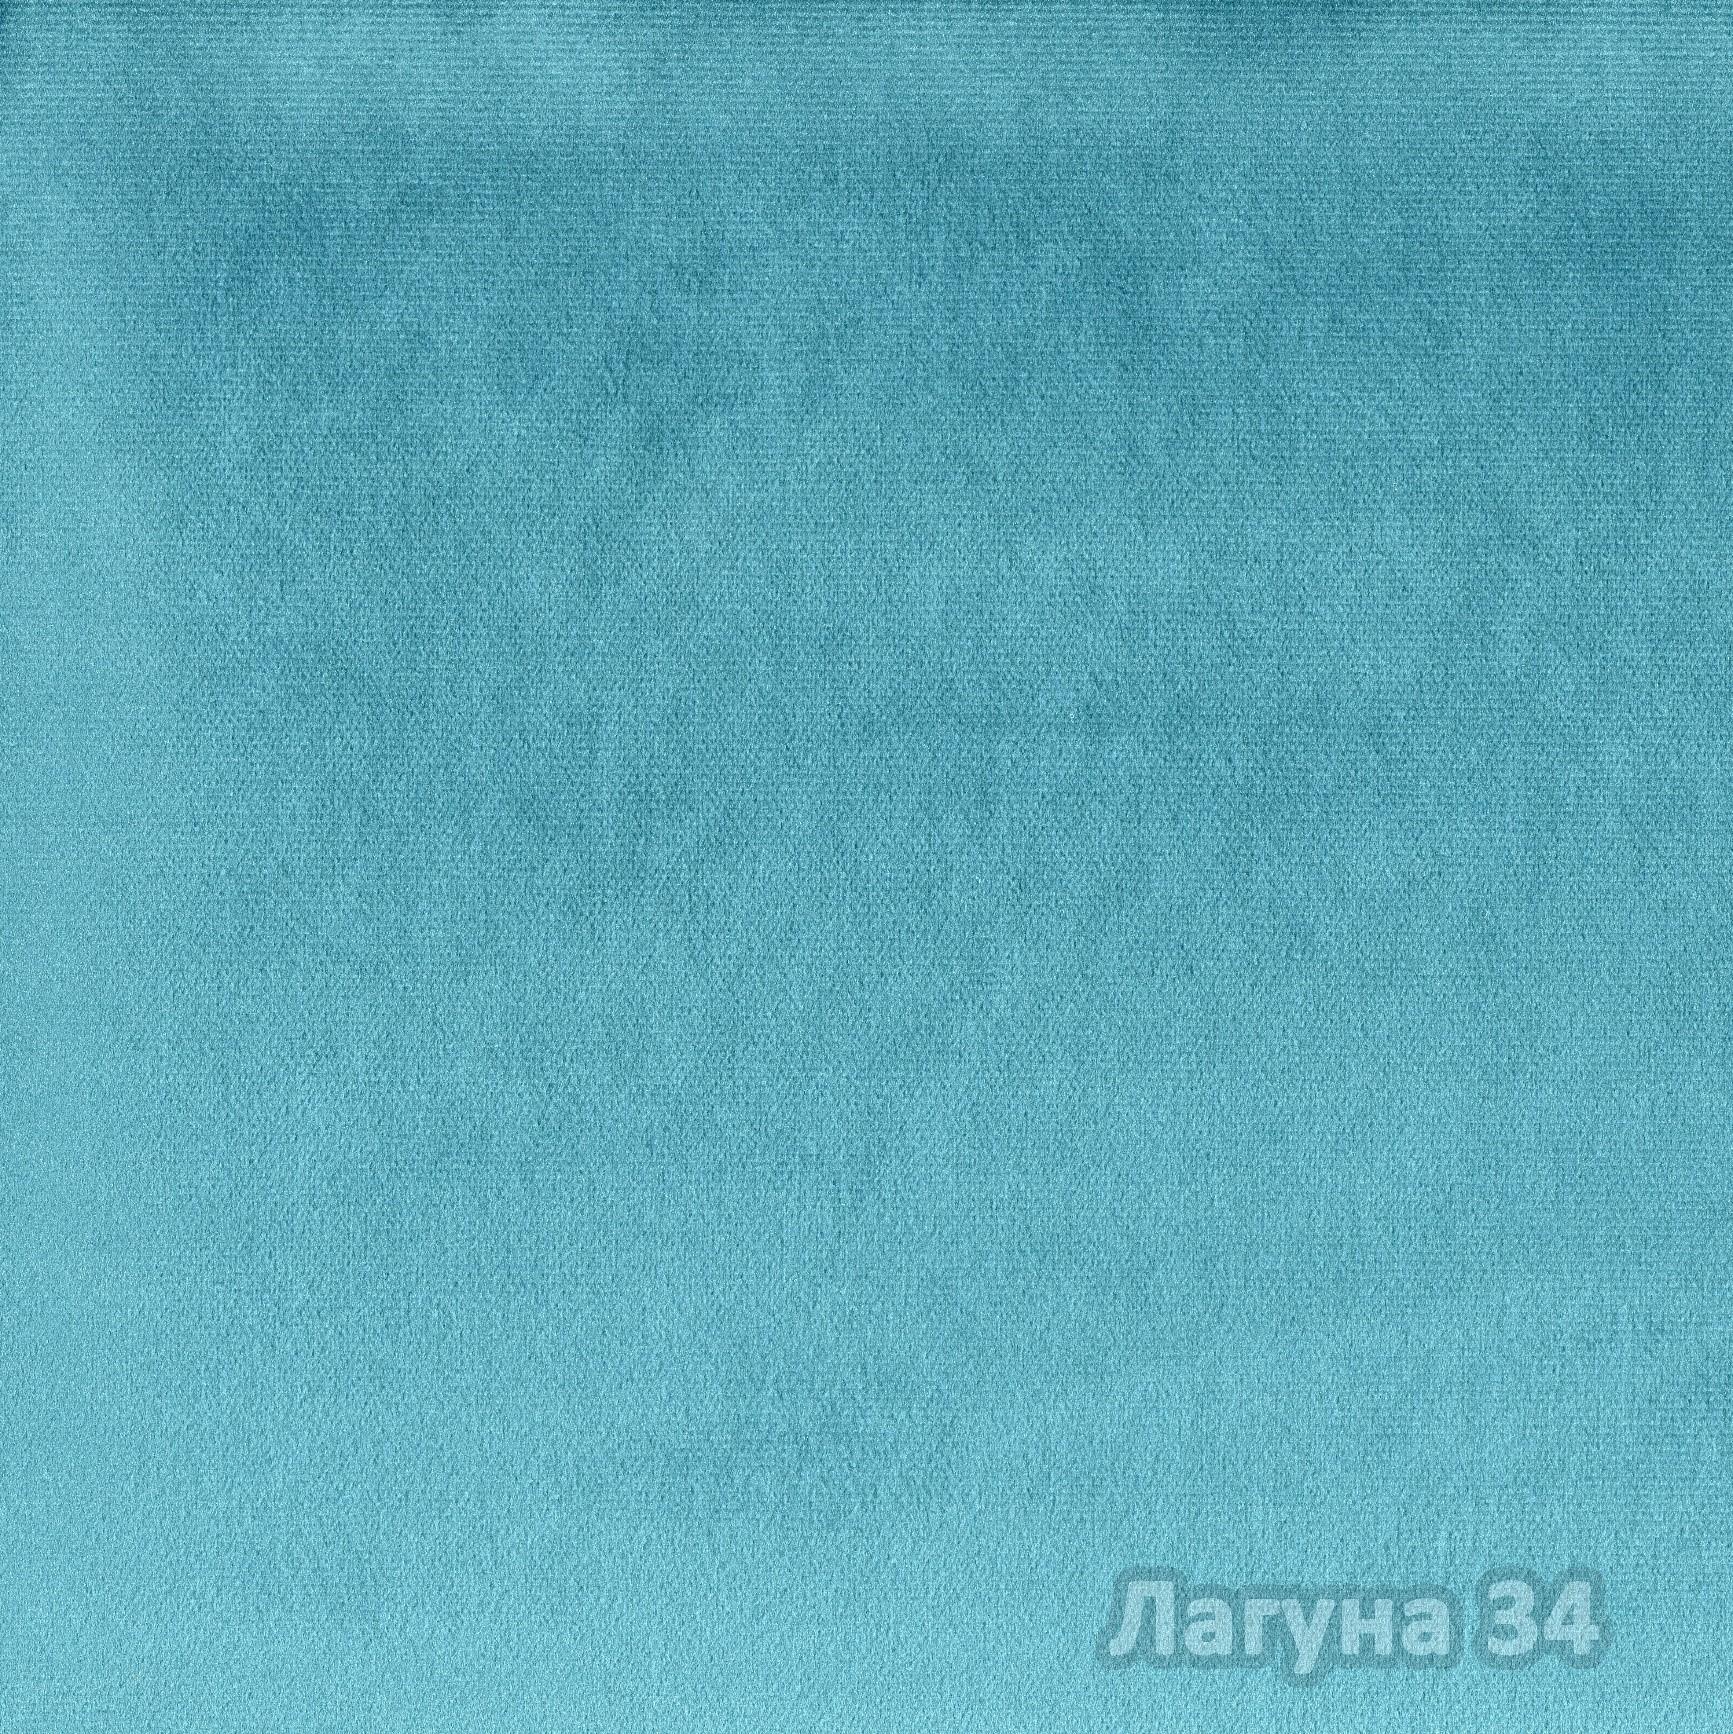 Коллекция ткани Лагуна 34,  купить ткань Велюр для мебели Украина